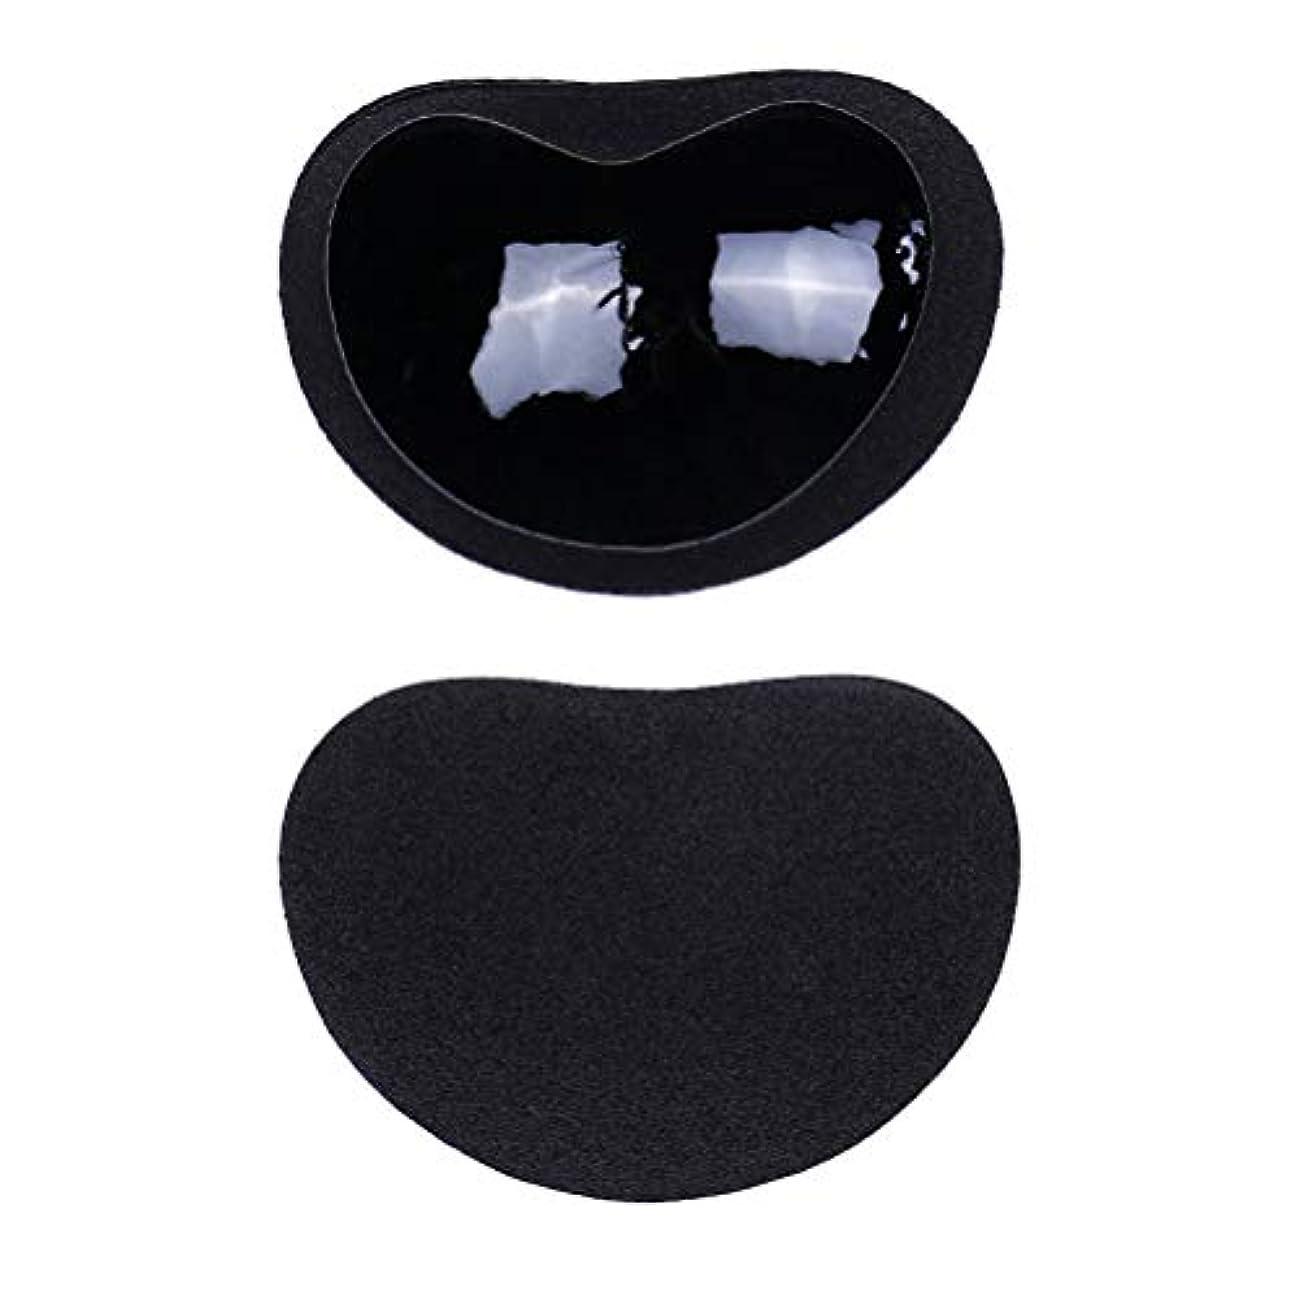 傾く引数作動するHealifty ニップルカバー1ペアストラップレス粘着性のある粘着性のあるブラのシリコーンのニップルは見えないブラニップルのコンシーラーのパティをカバーします(黒)